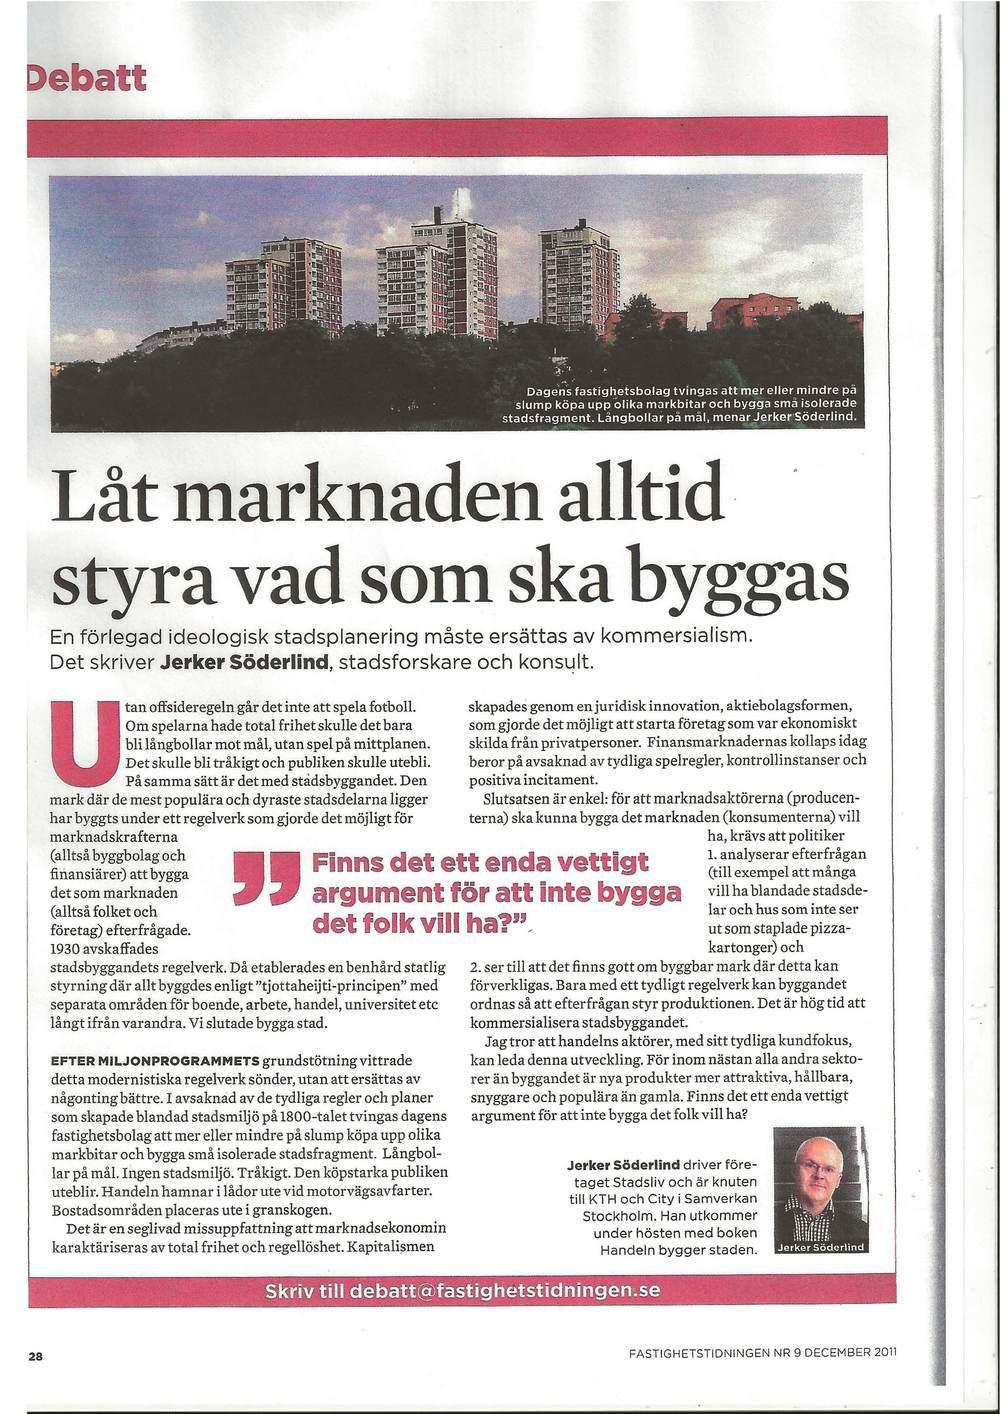 Artikel 8 Låt marknaden alltid styra vad som ska byggas, Fastighetstidningen, 2011.jpg